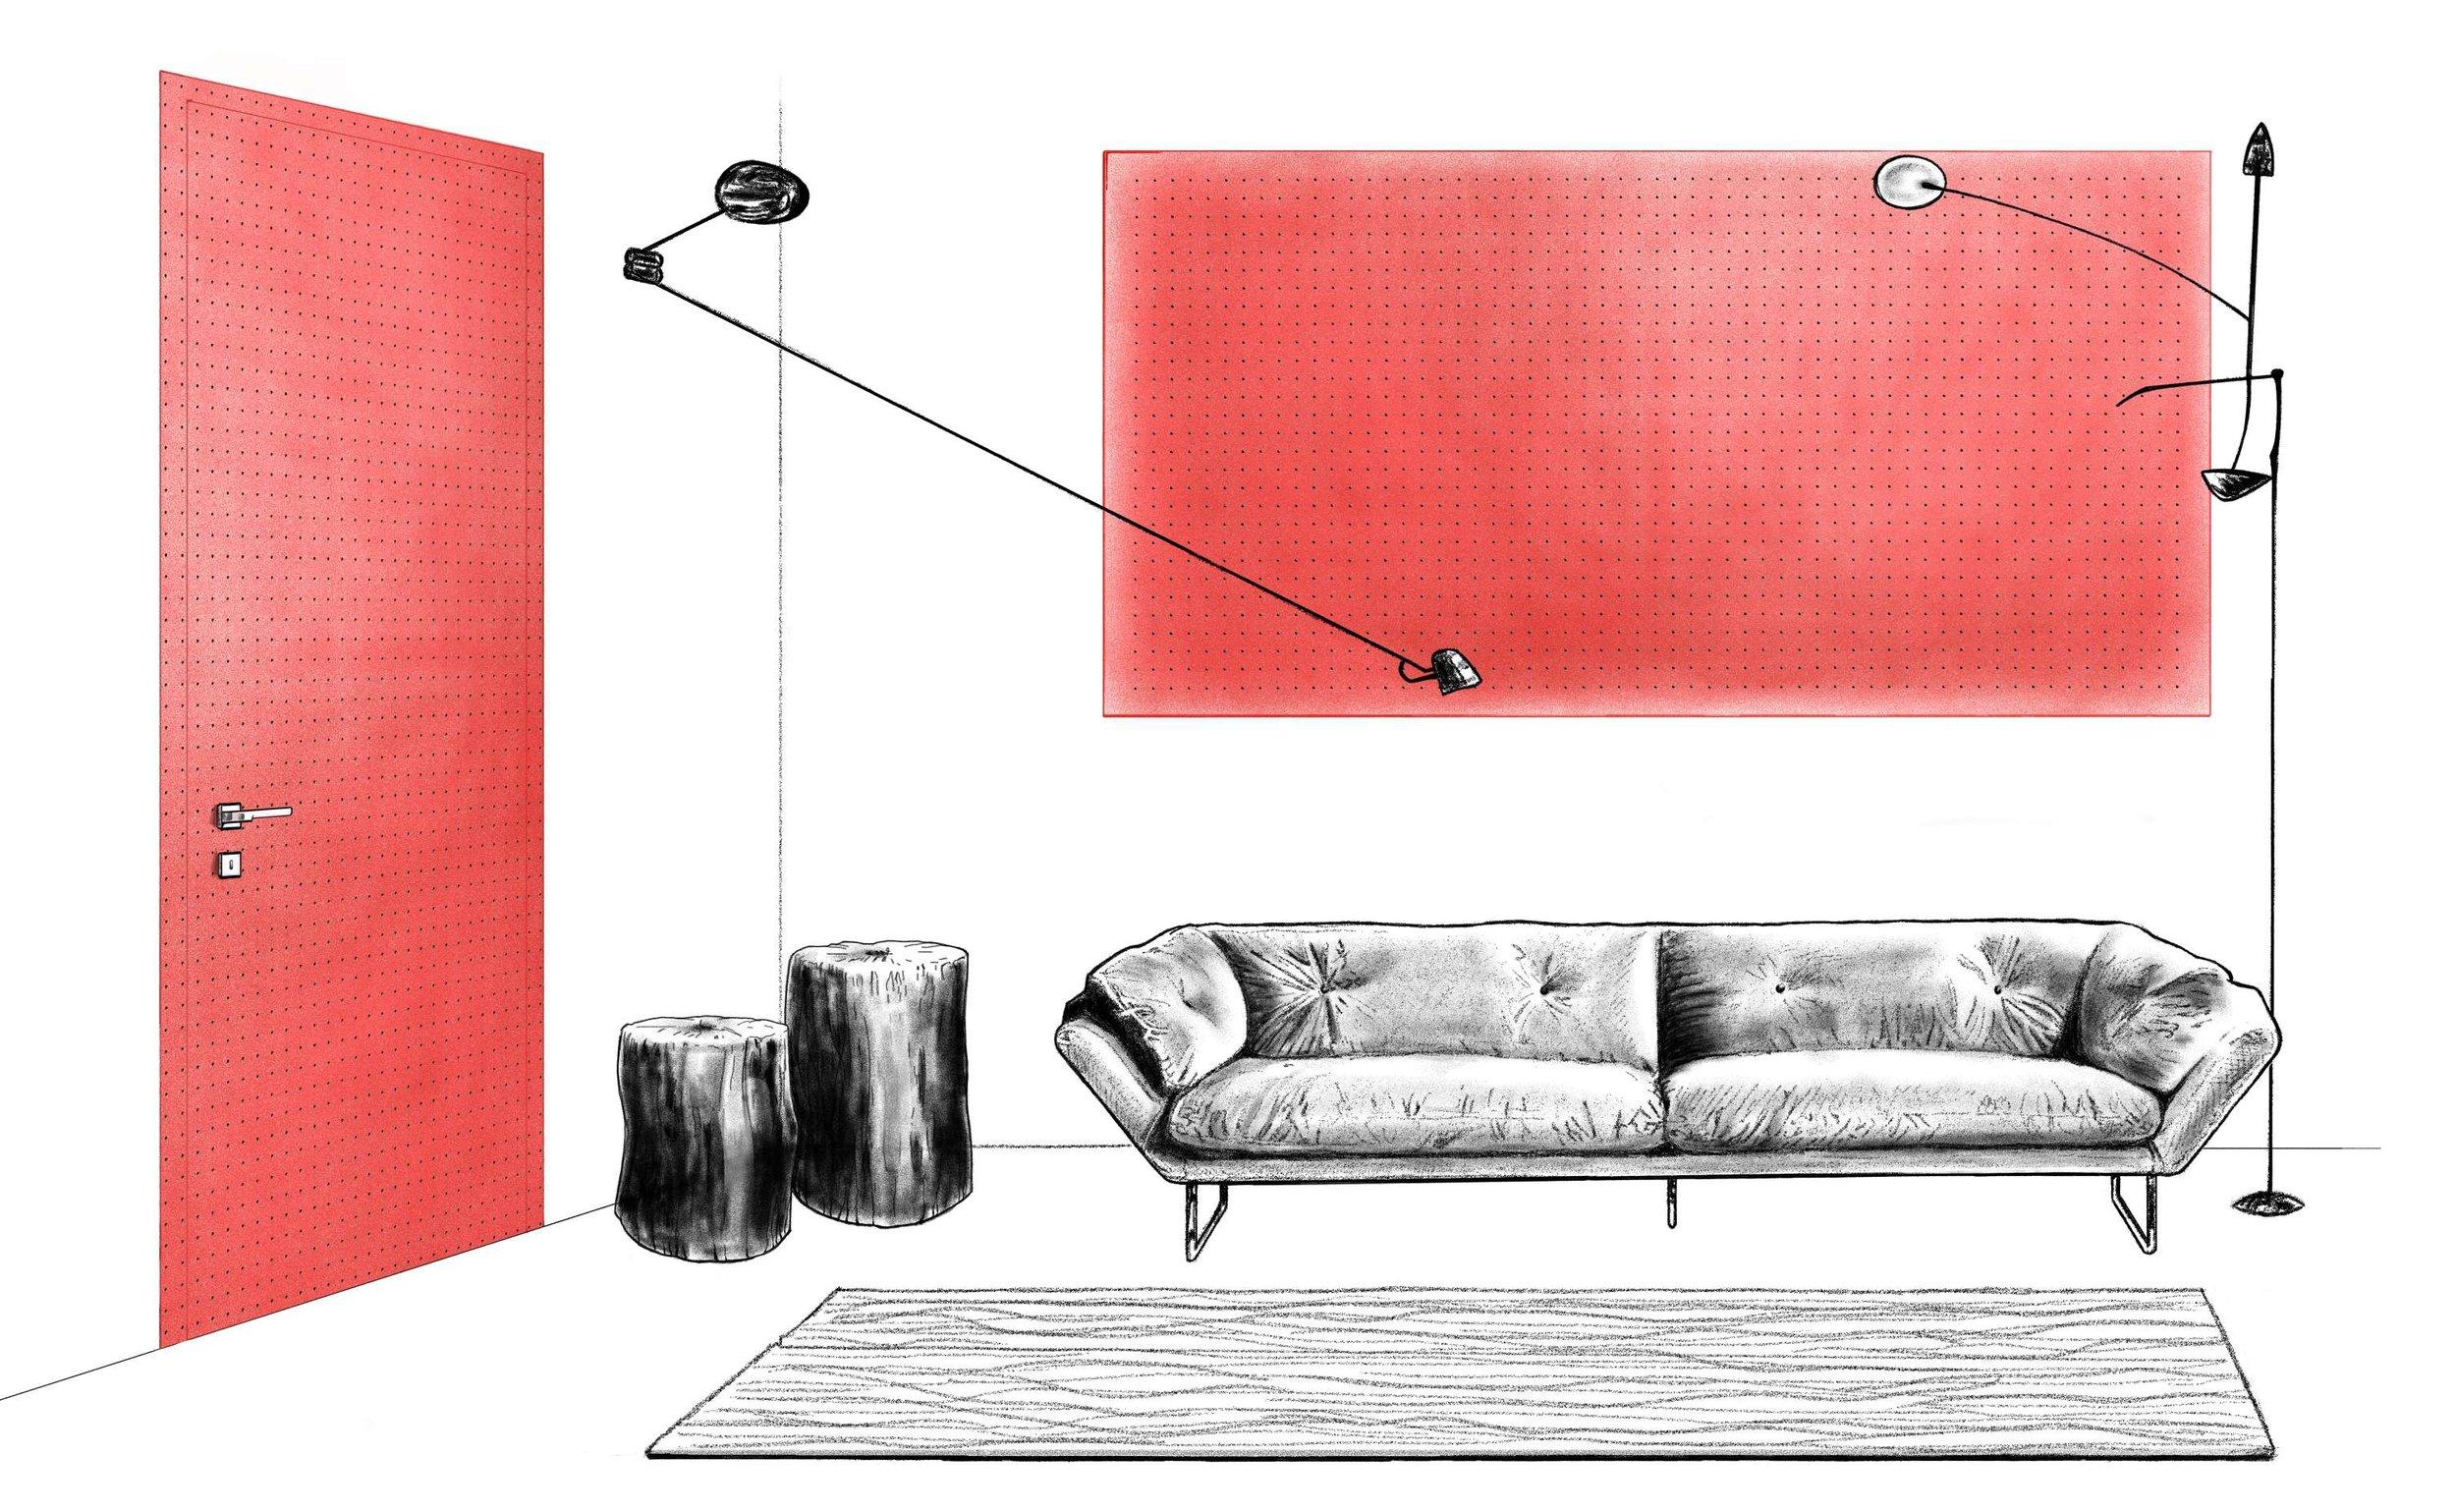 Combinare due dimensioni: l'acustica e l'estetica